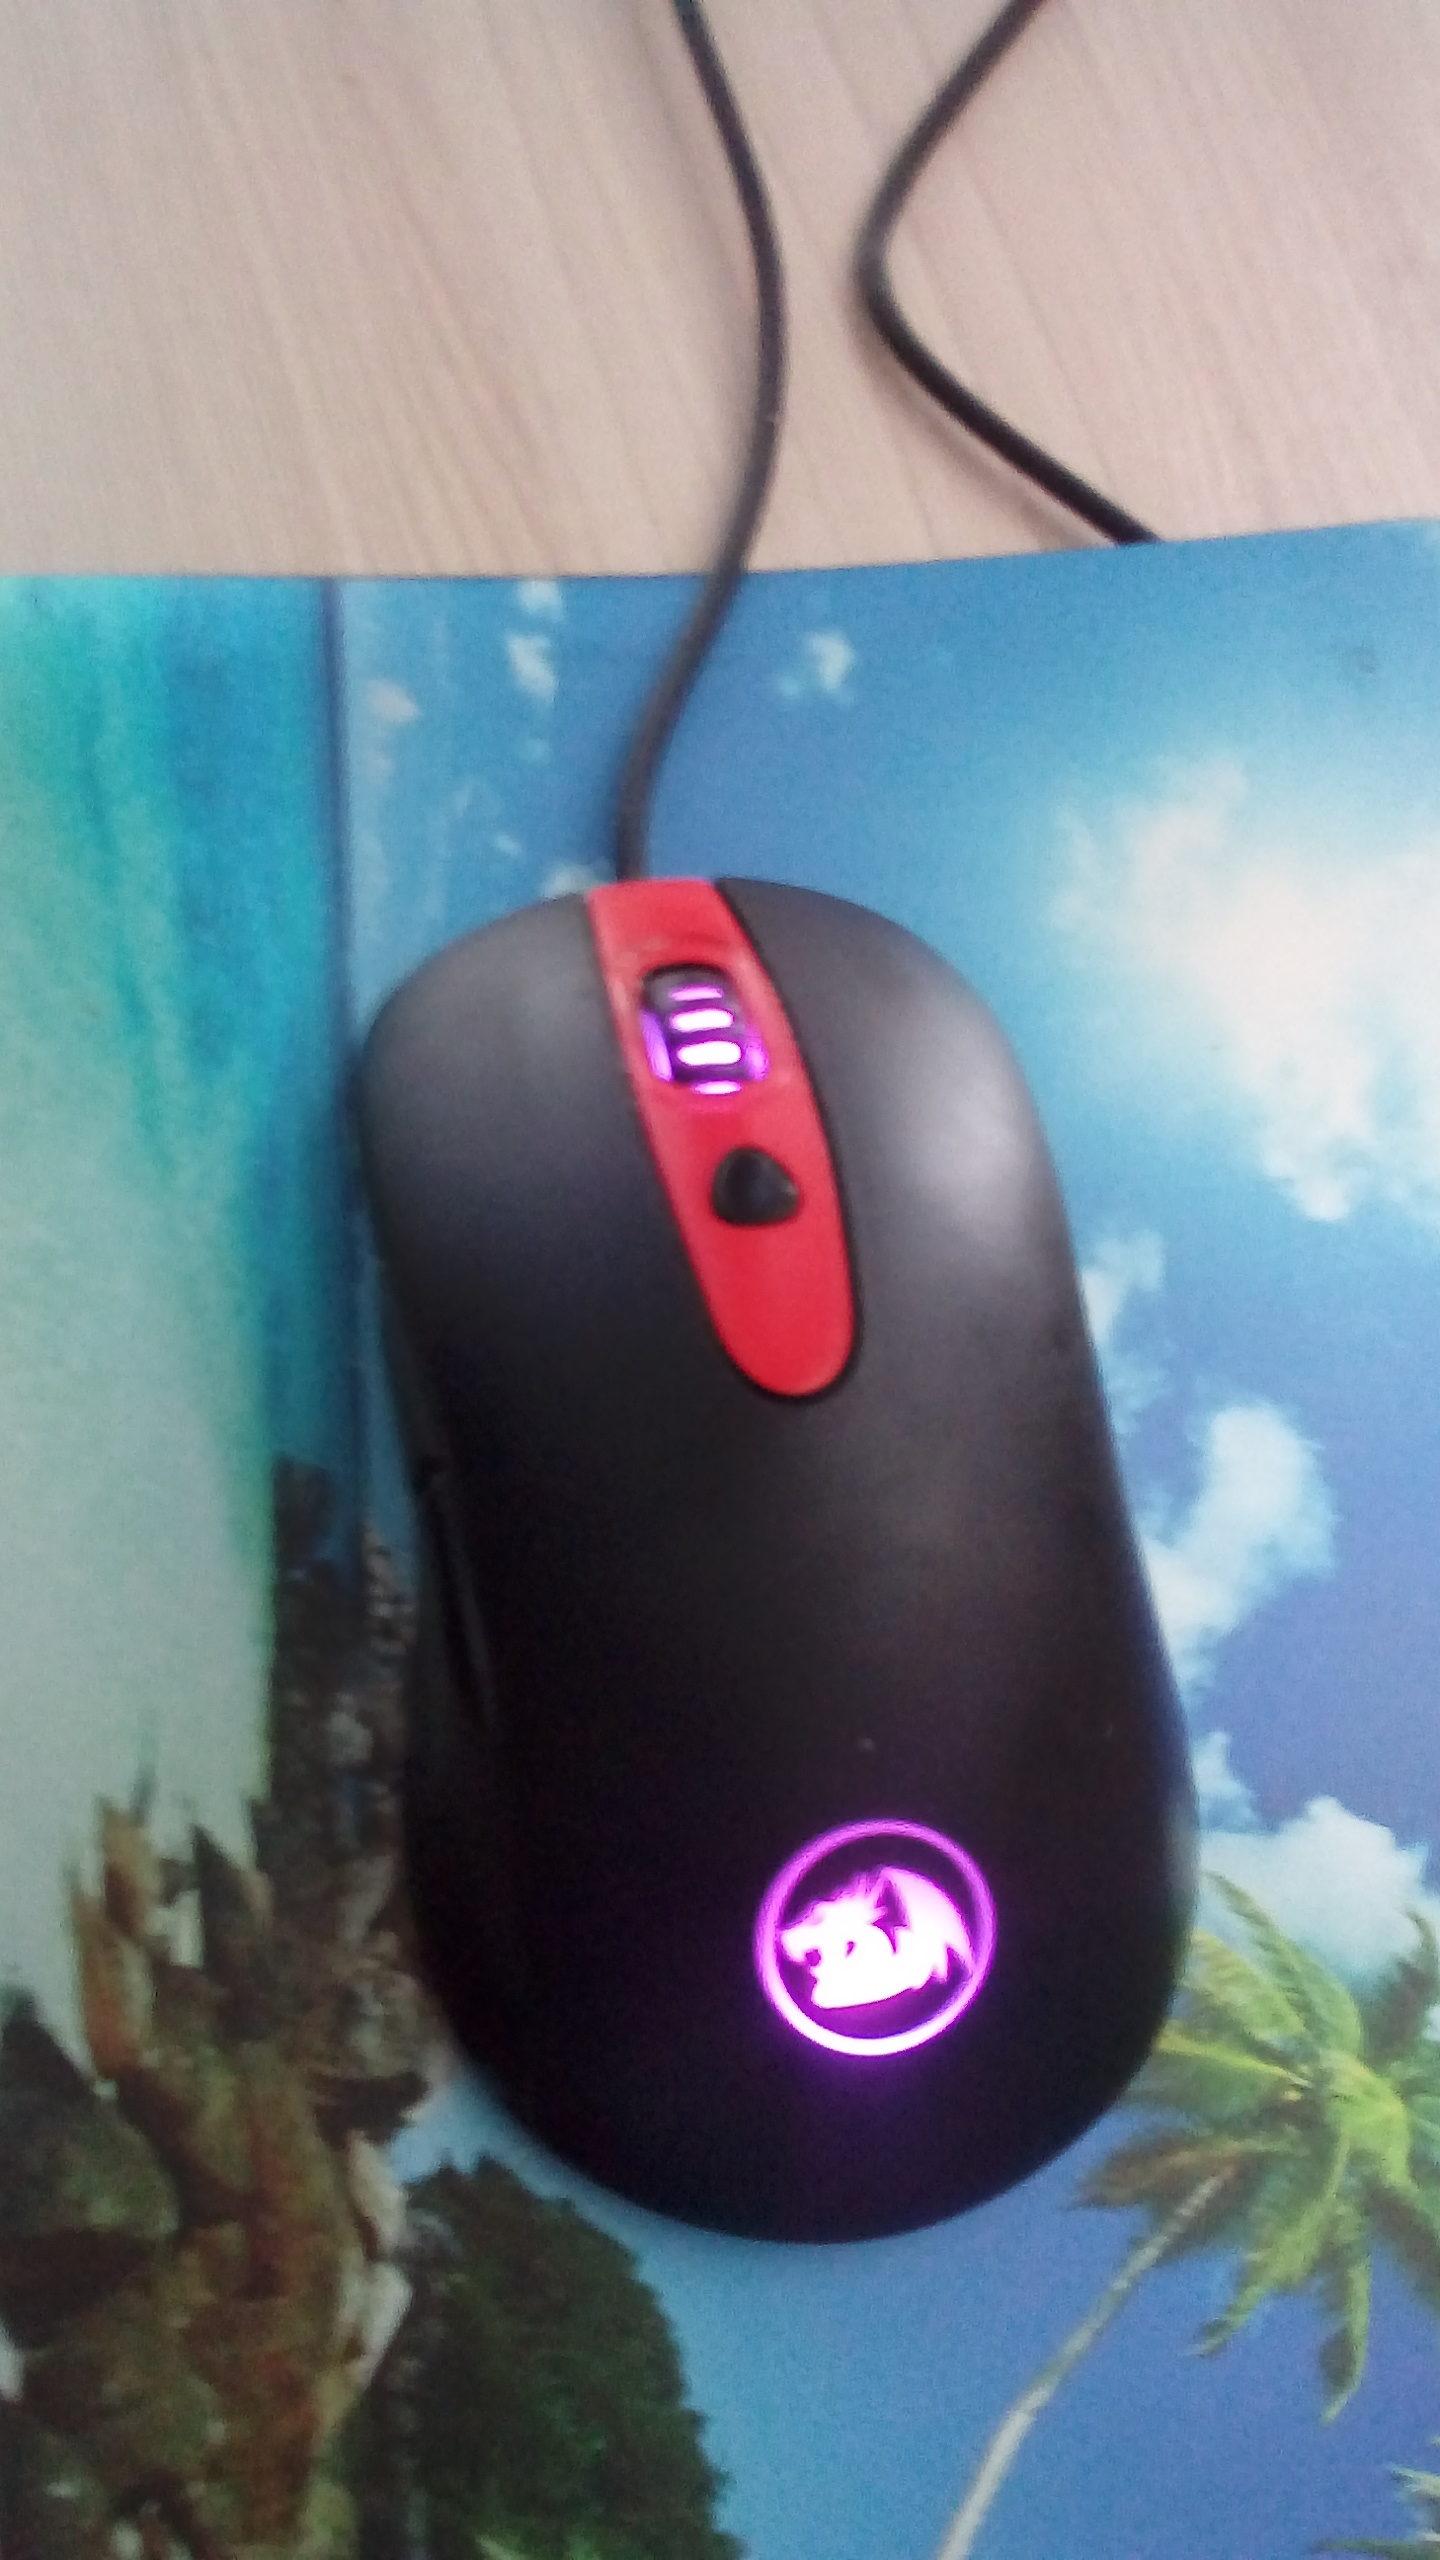 компьютерная мышь это что